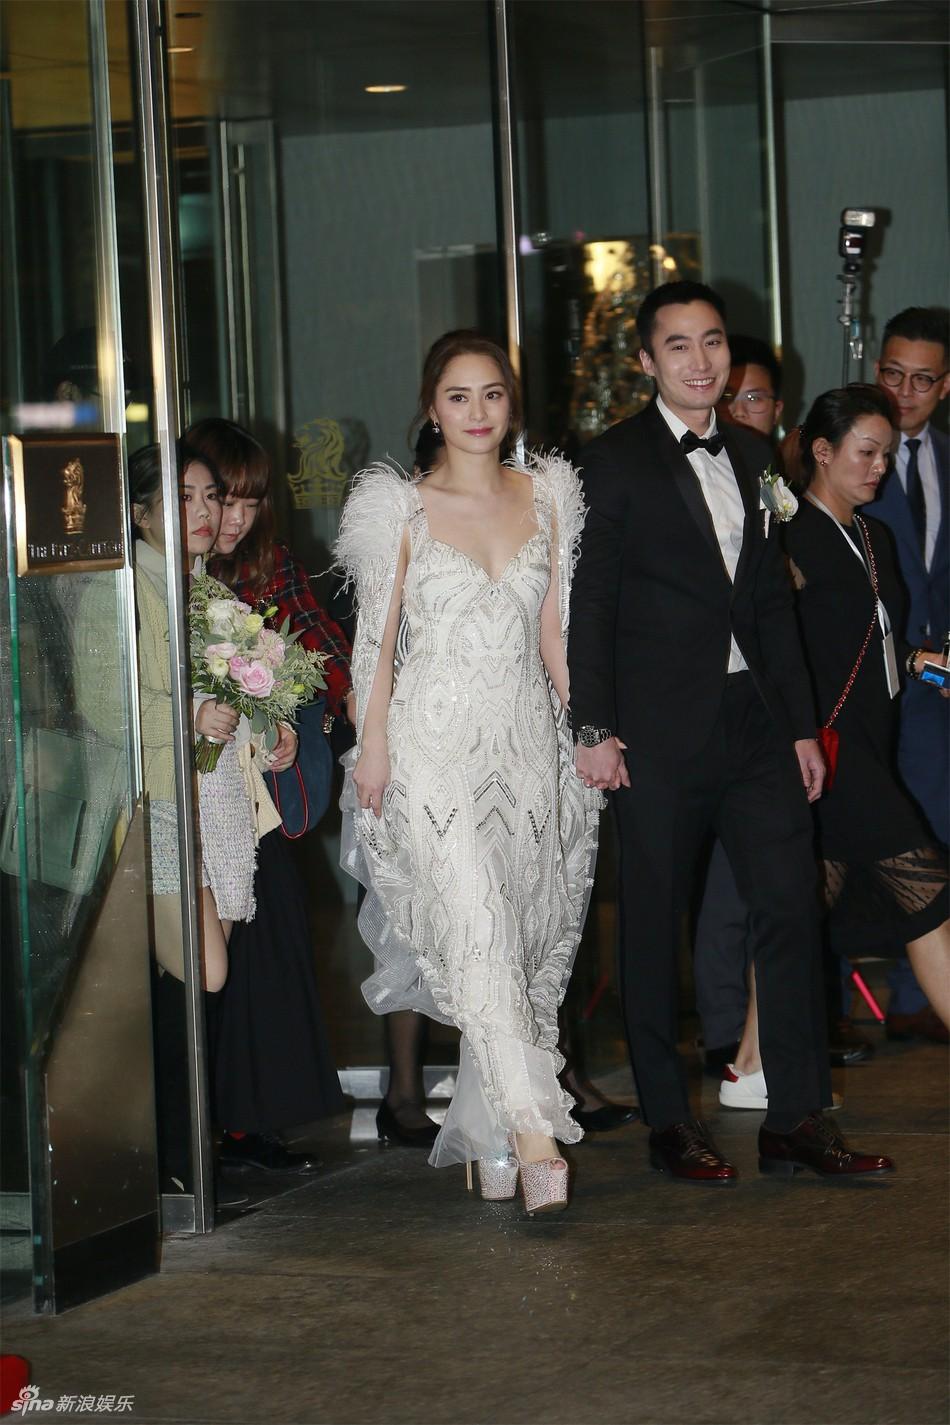 Đám cưới hoành tráng của Chung Hân Đồng: Ông trùm showbiz Hong Kong, con gái tài phiệt Macau cùng dàn sao hạng A tề tựu đông đủ - Ảnh 3.